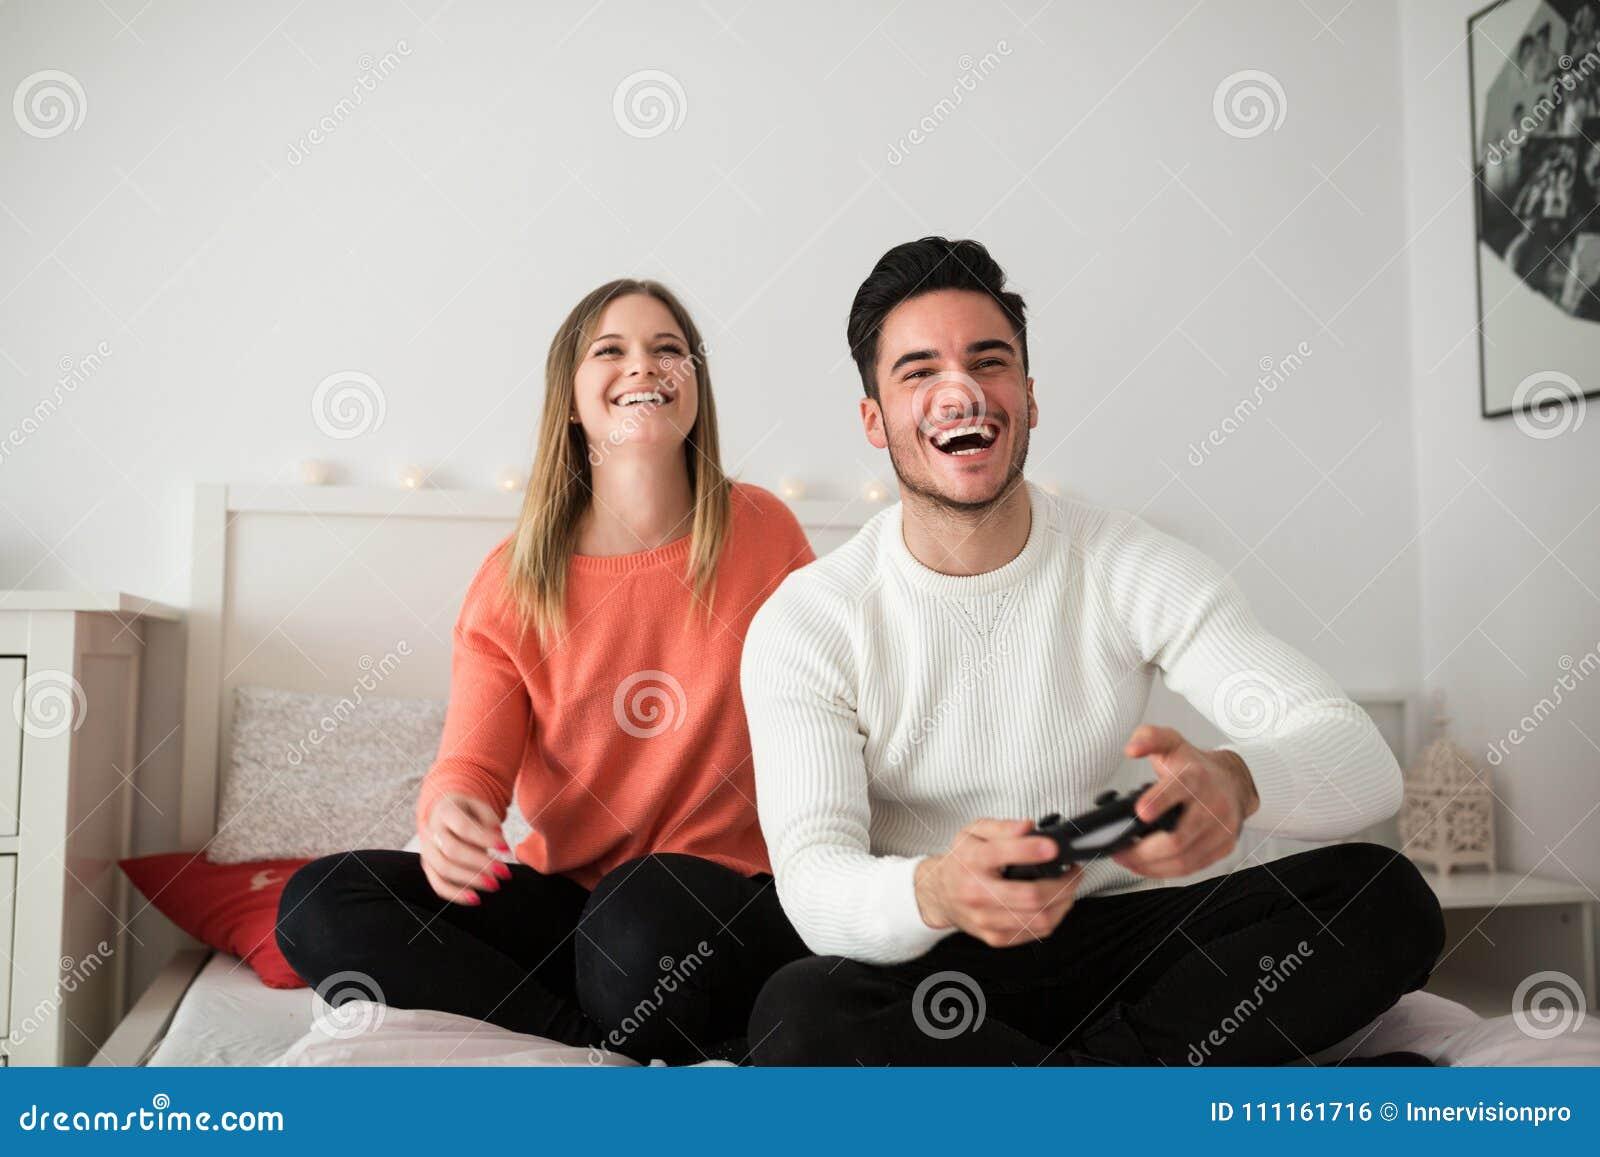 Coppie giovani che giocano i video giochi a letto fotografia stock immagine di ragazza - Giochi che si baciano a letto ...